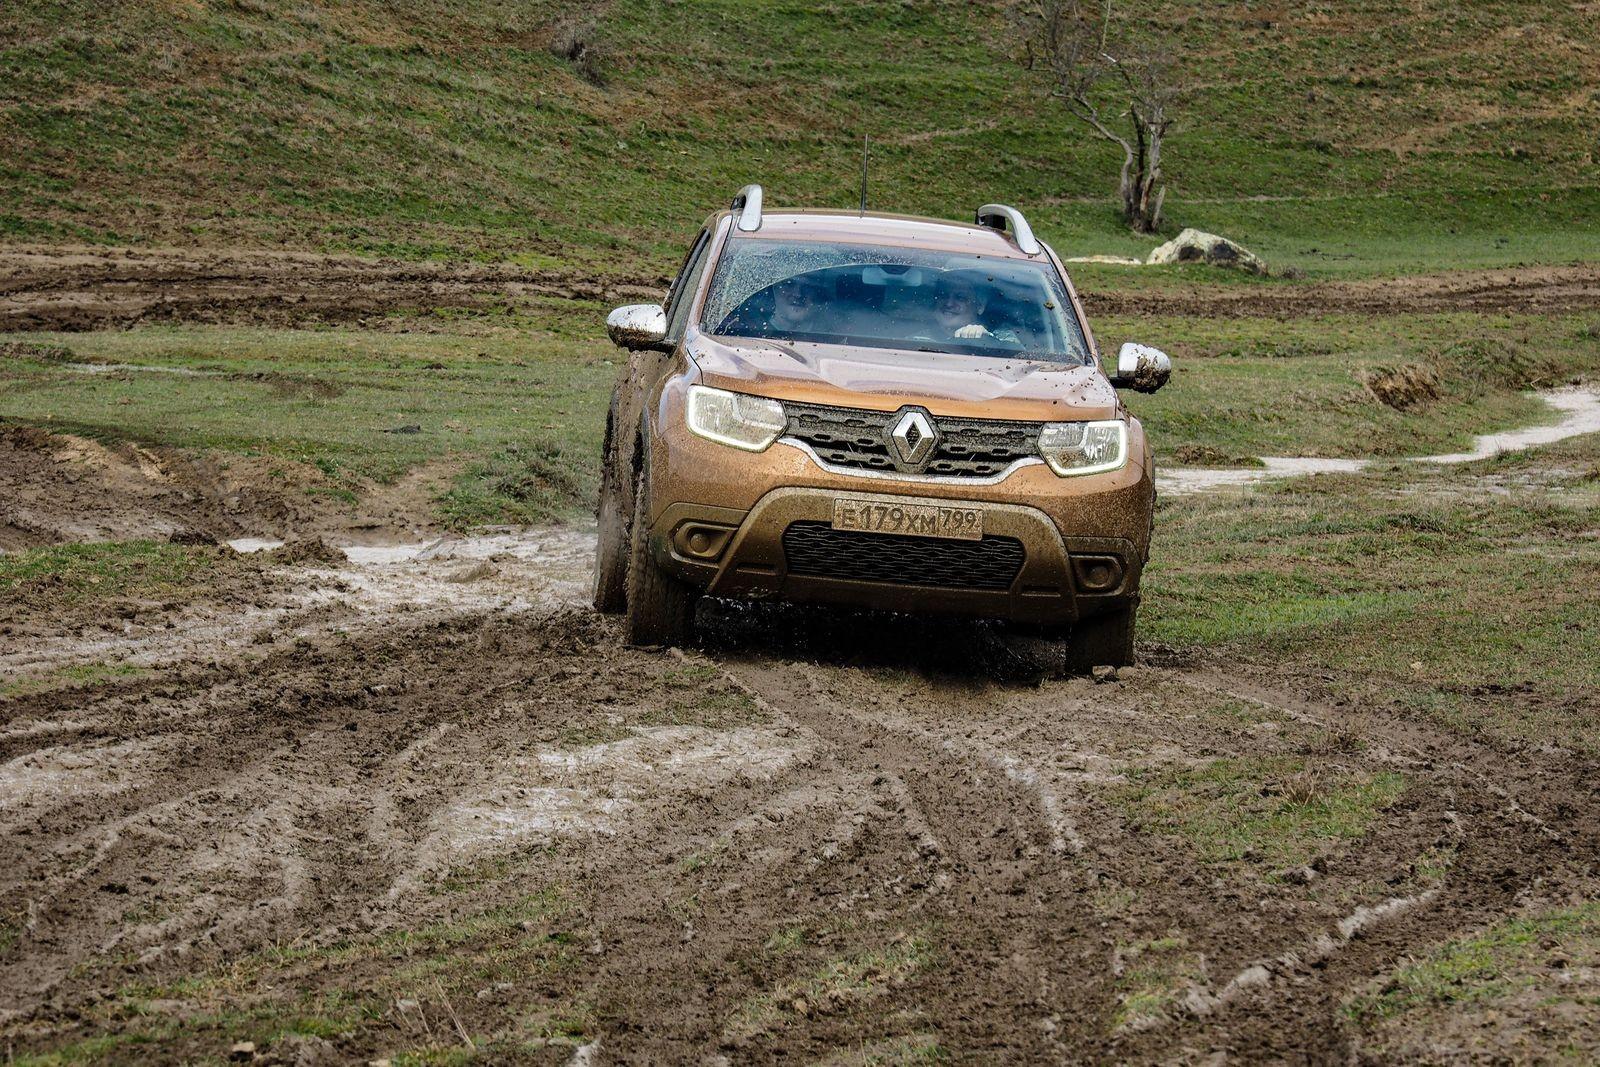 Полет над грунтовками и грязь на порогах: тест-драйв нового Renault Duster